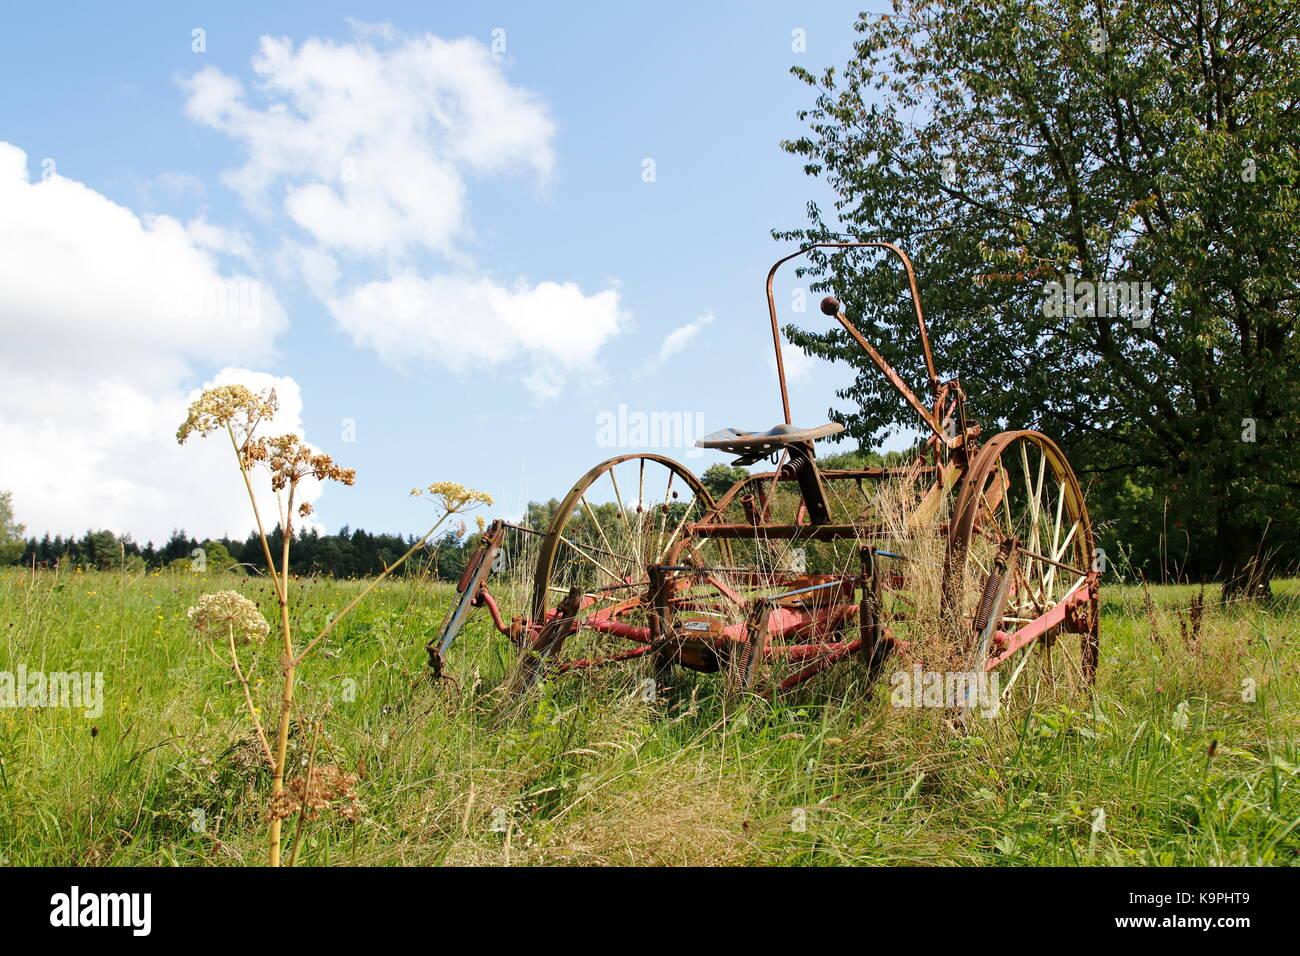 Alter, rostiger Traktor, Mähdrescher auf einer Wiese, einem Feld - Stock Image